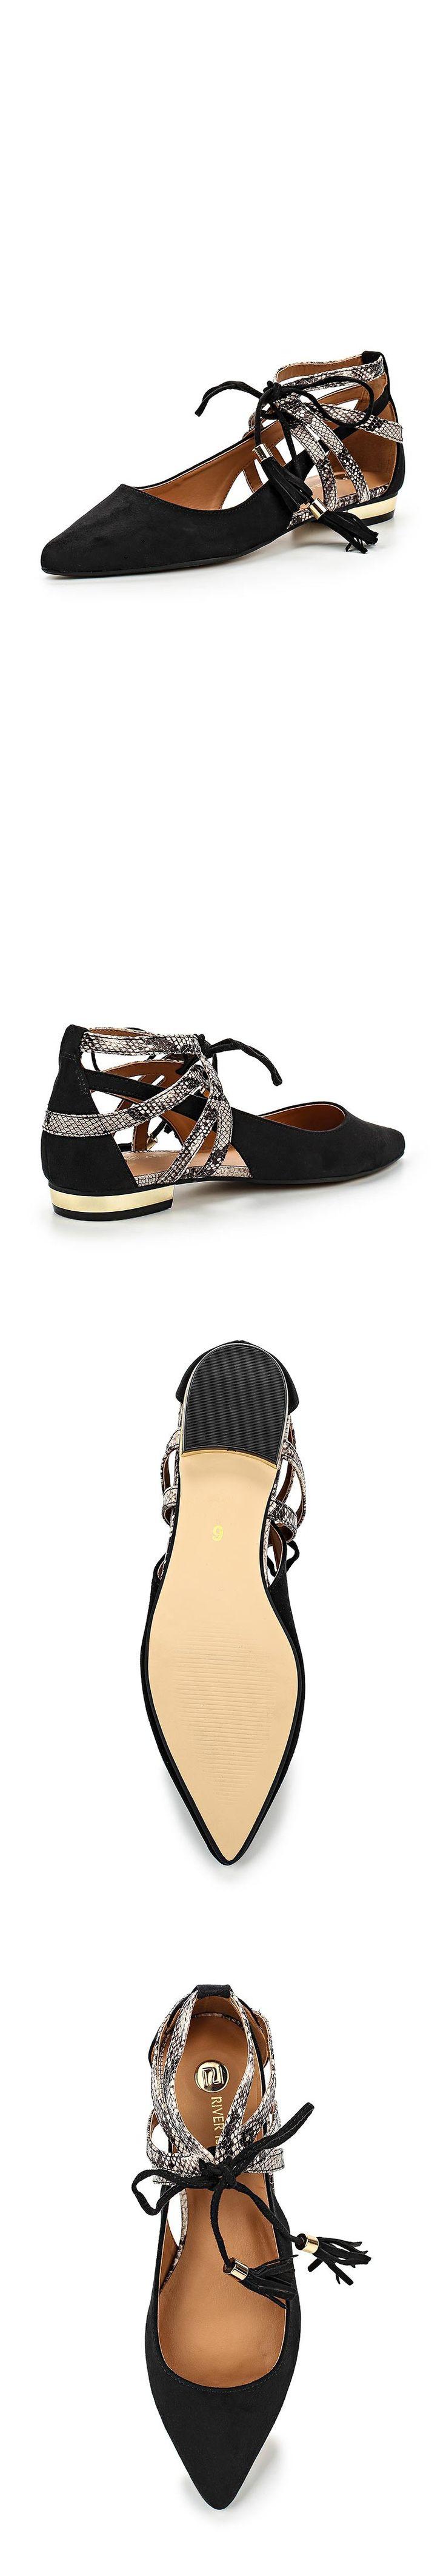 Женская обувь лоферы GLAMforever за 4999.00 руб.